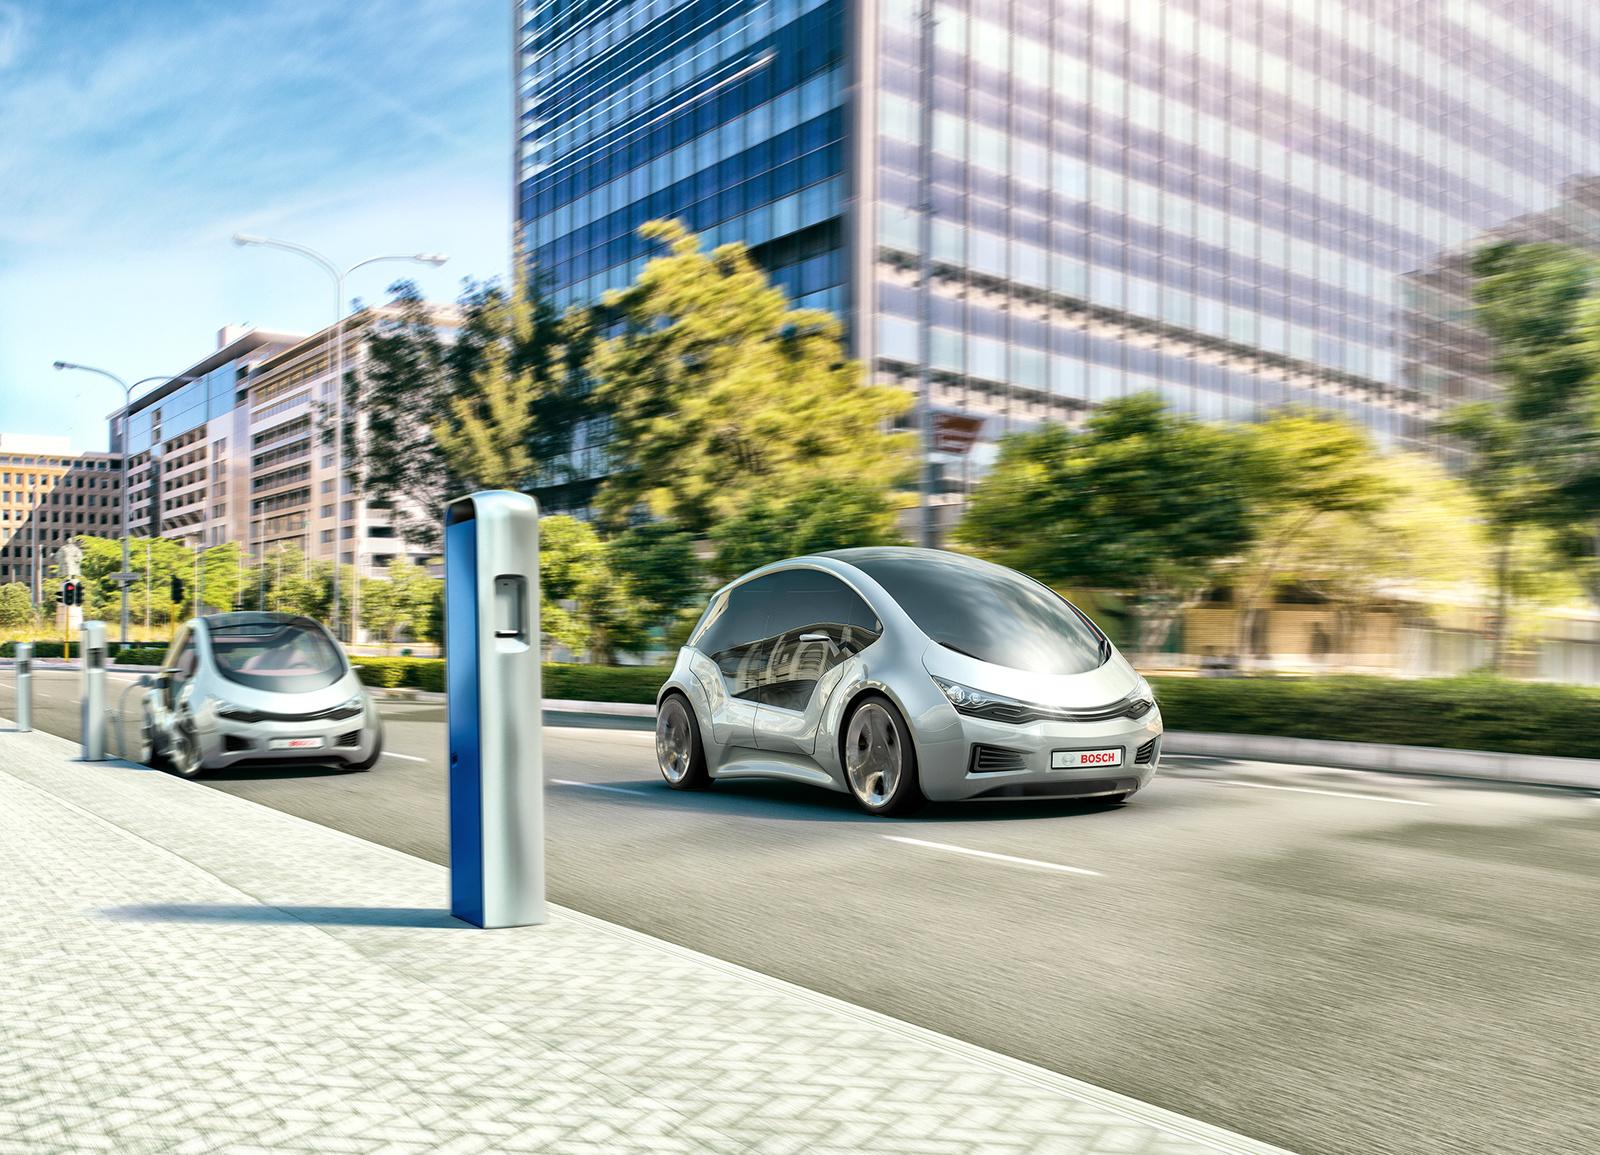 Elektromobiiltät ist wichtiges Zukunftsfeld